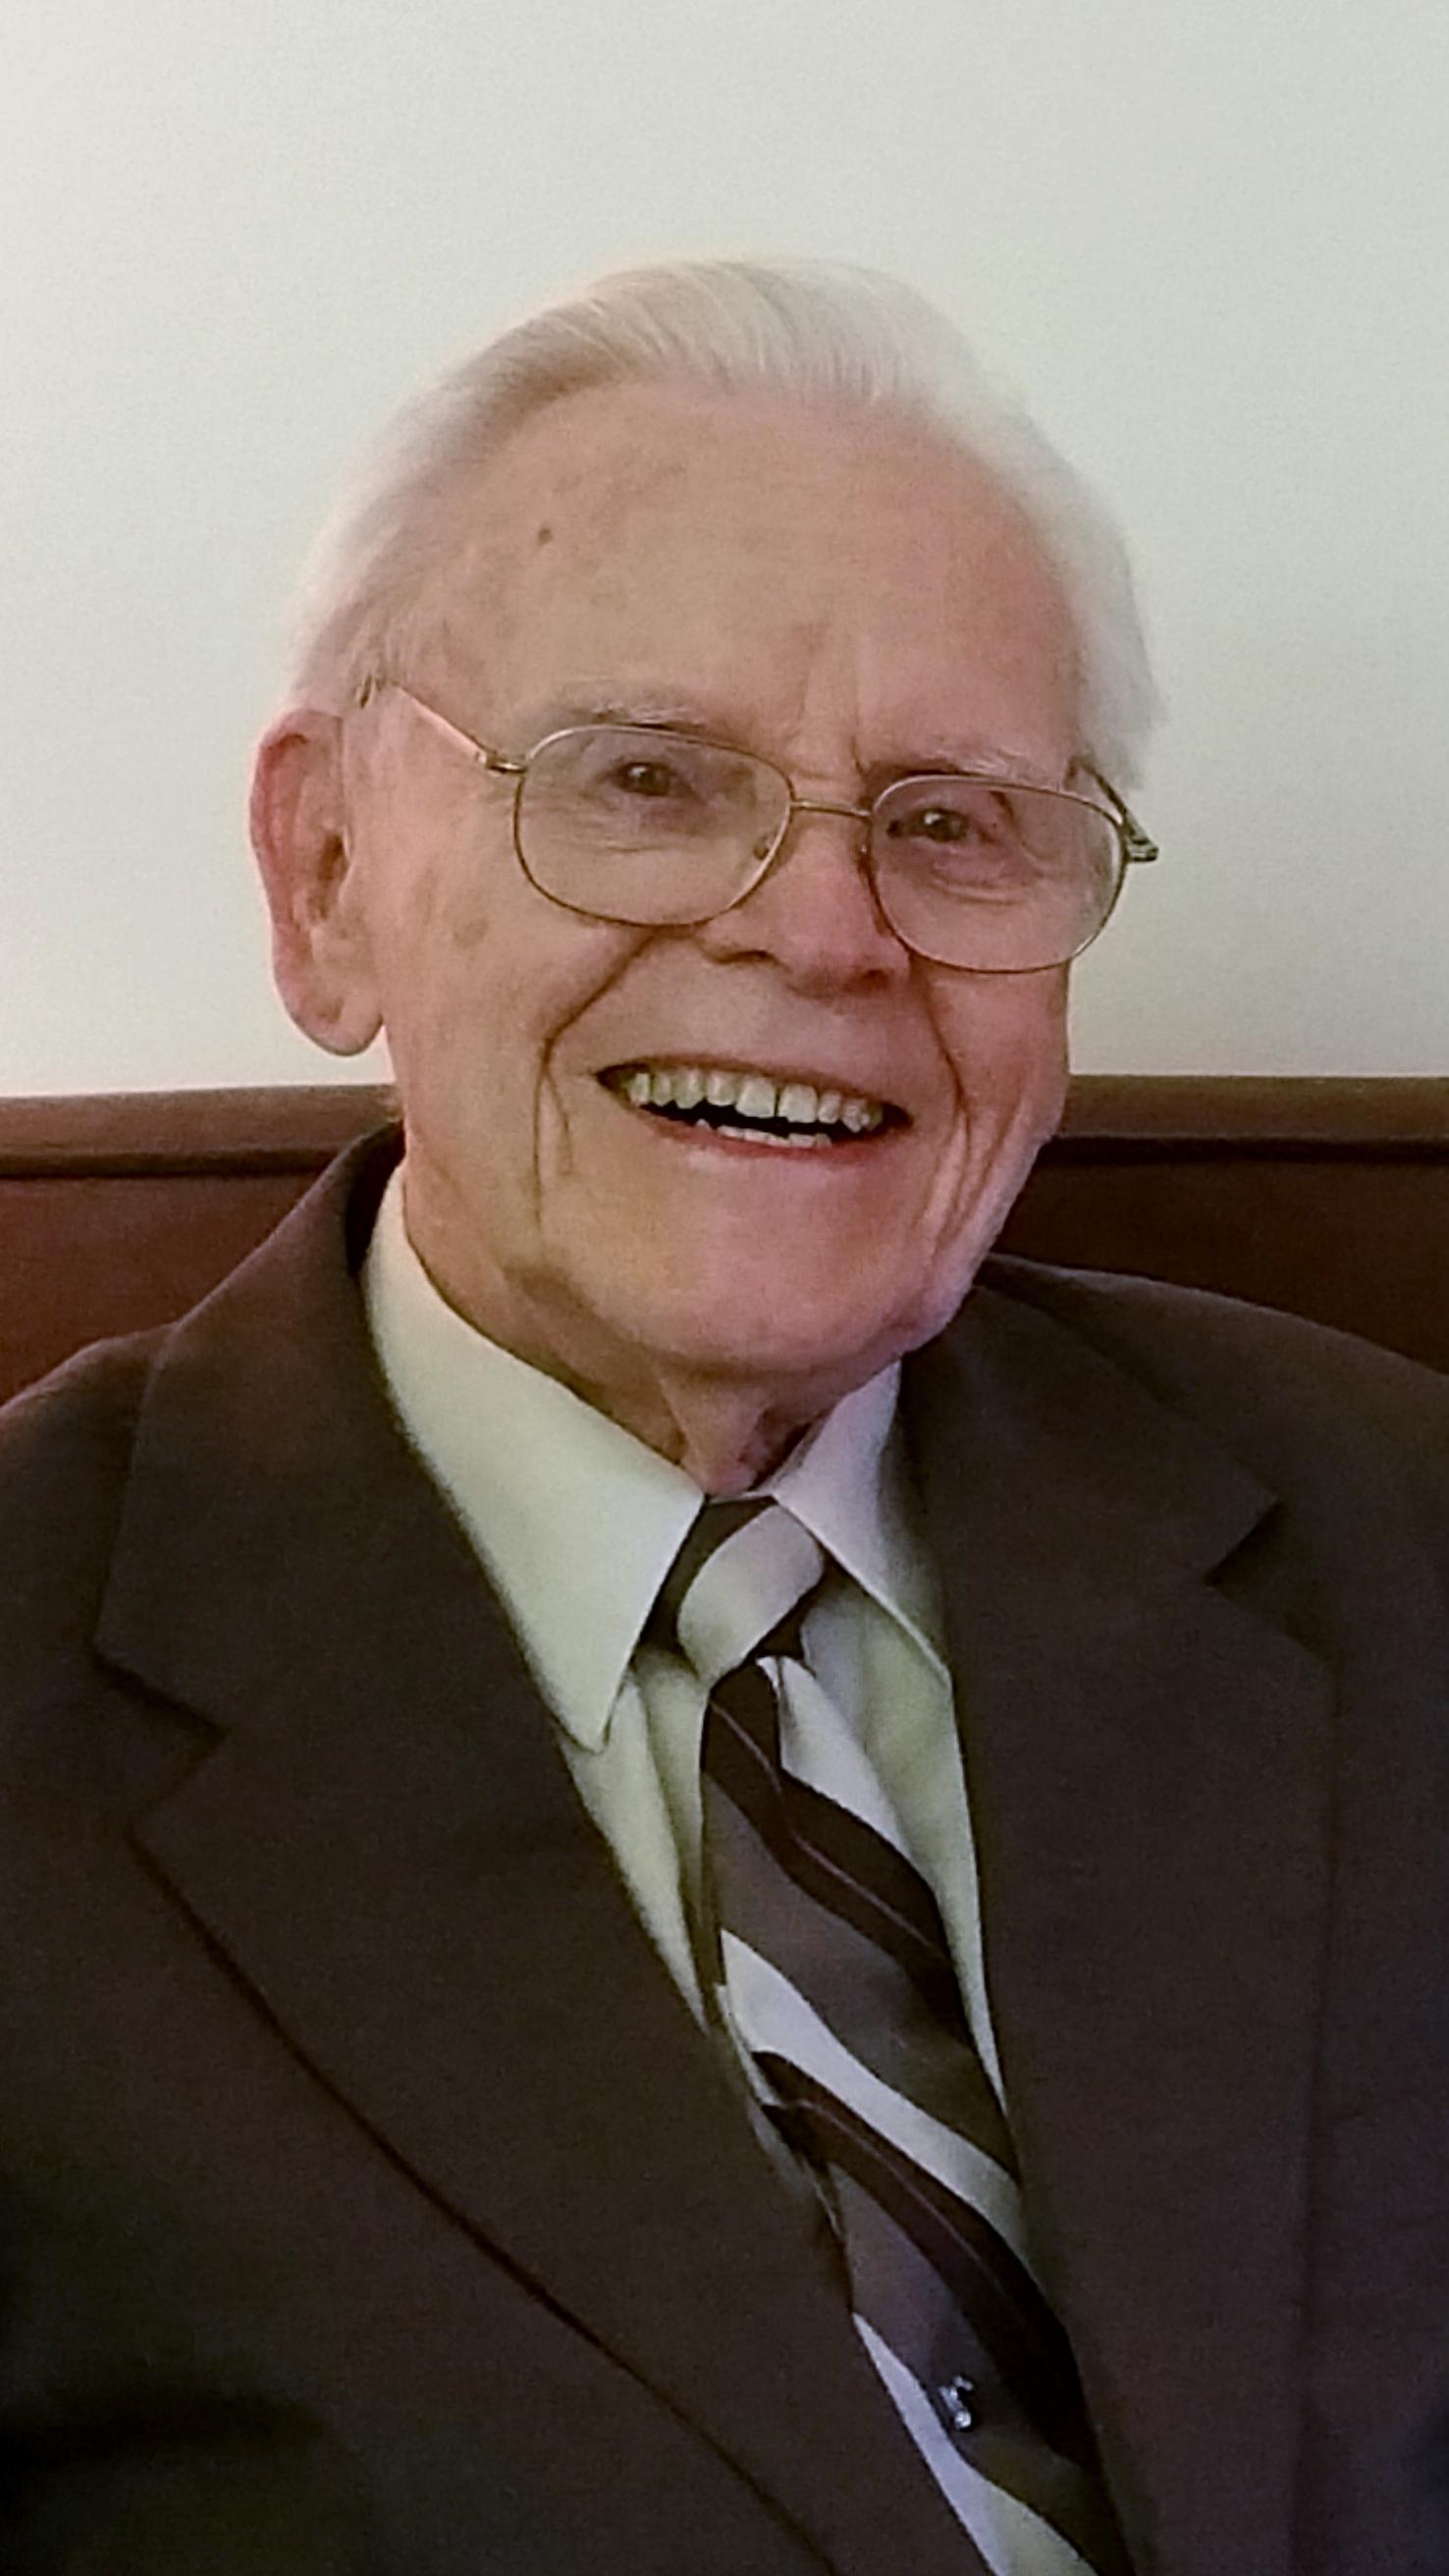 Robert E. Jolly